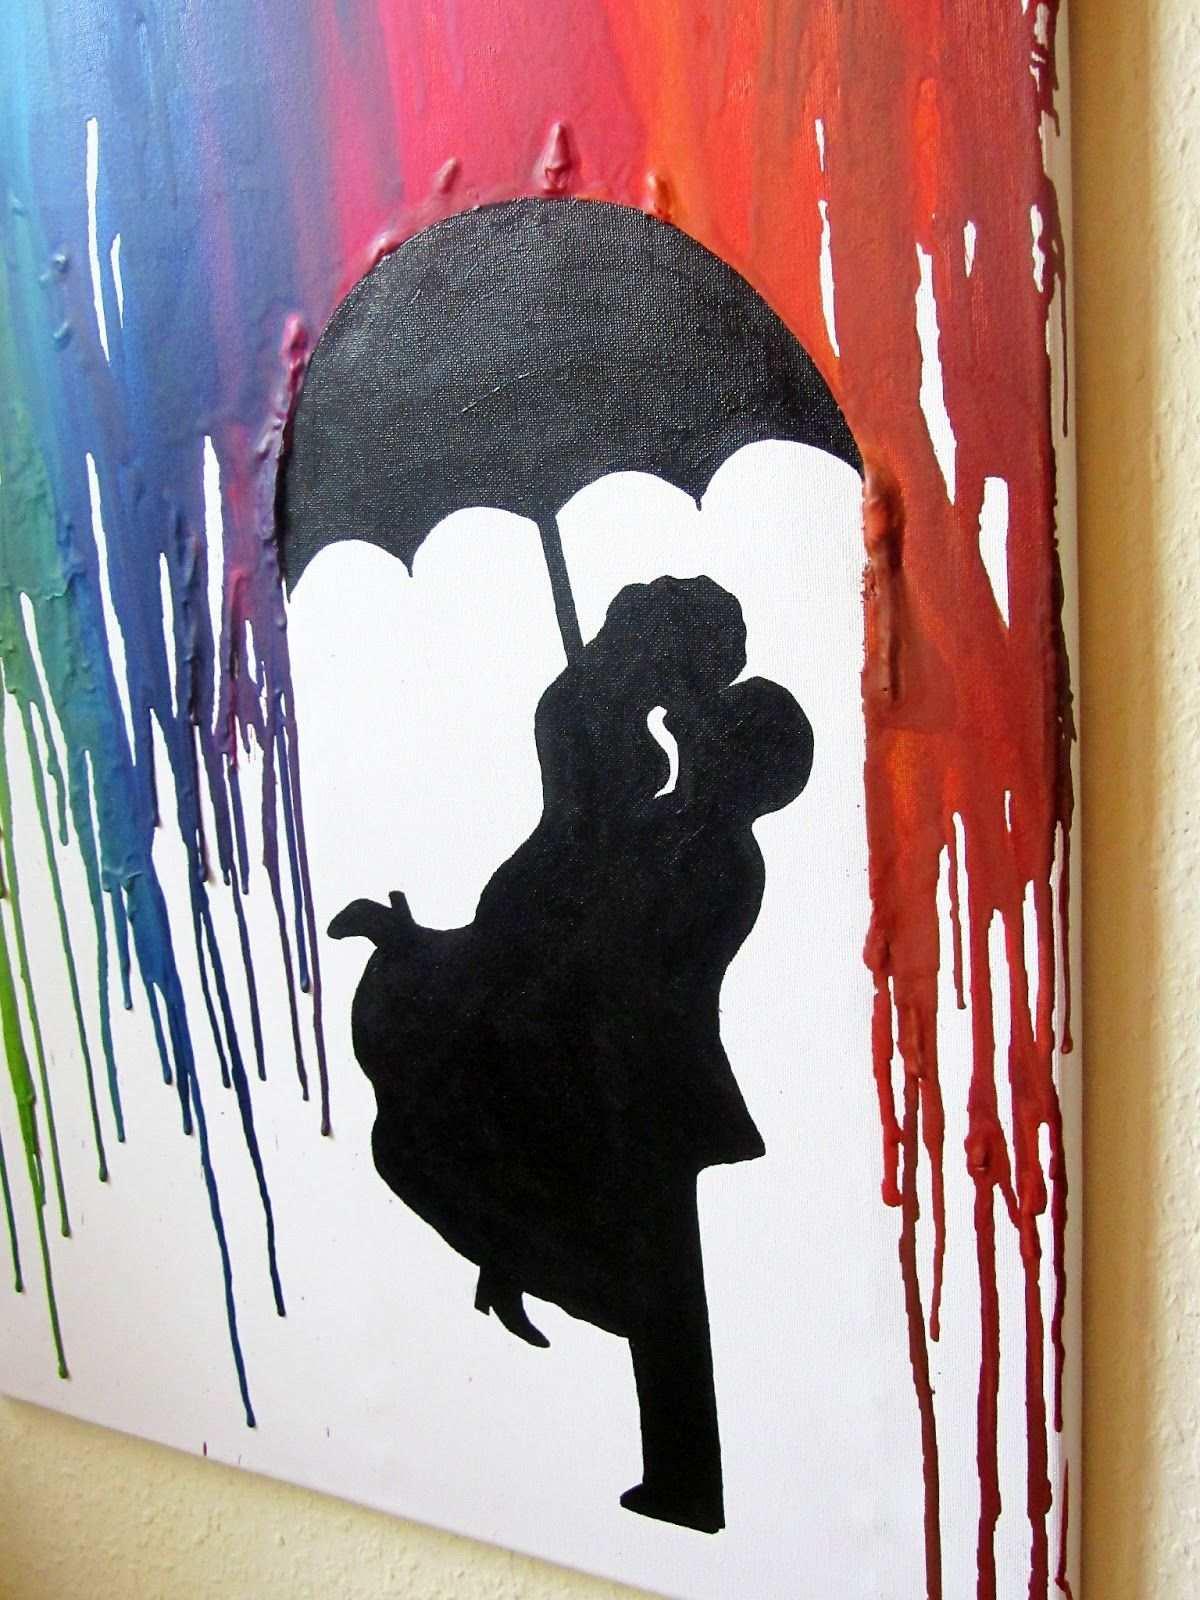 Crayon Art Kunst Aus Wachsmalstiften Fohn Schmelzen Regenschirm Paar Hochzeit Liebe Silouette Umbrella Regen Bunte Kunst Wachsmalstifte Leinwandkunst